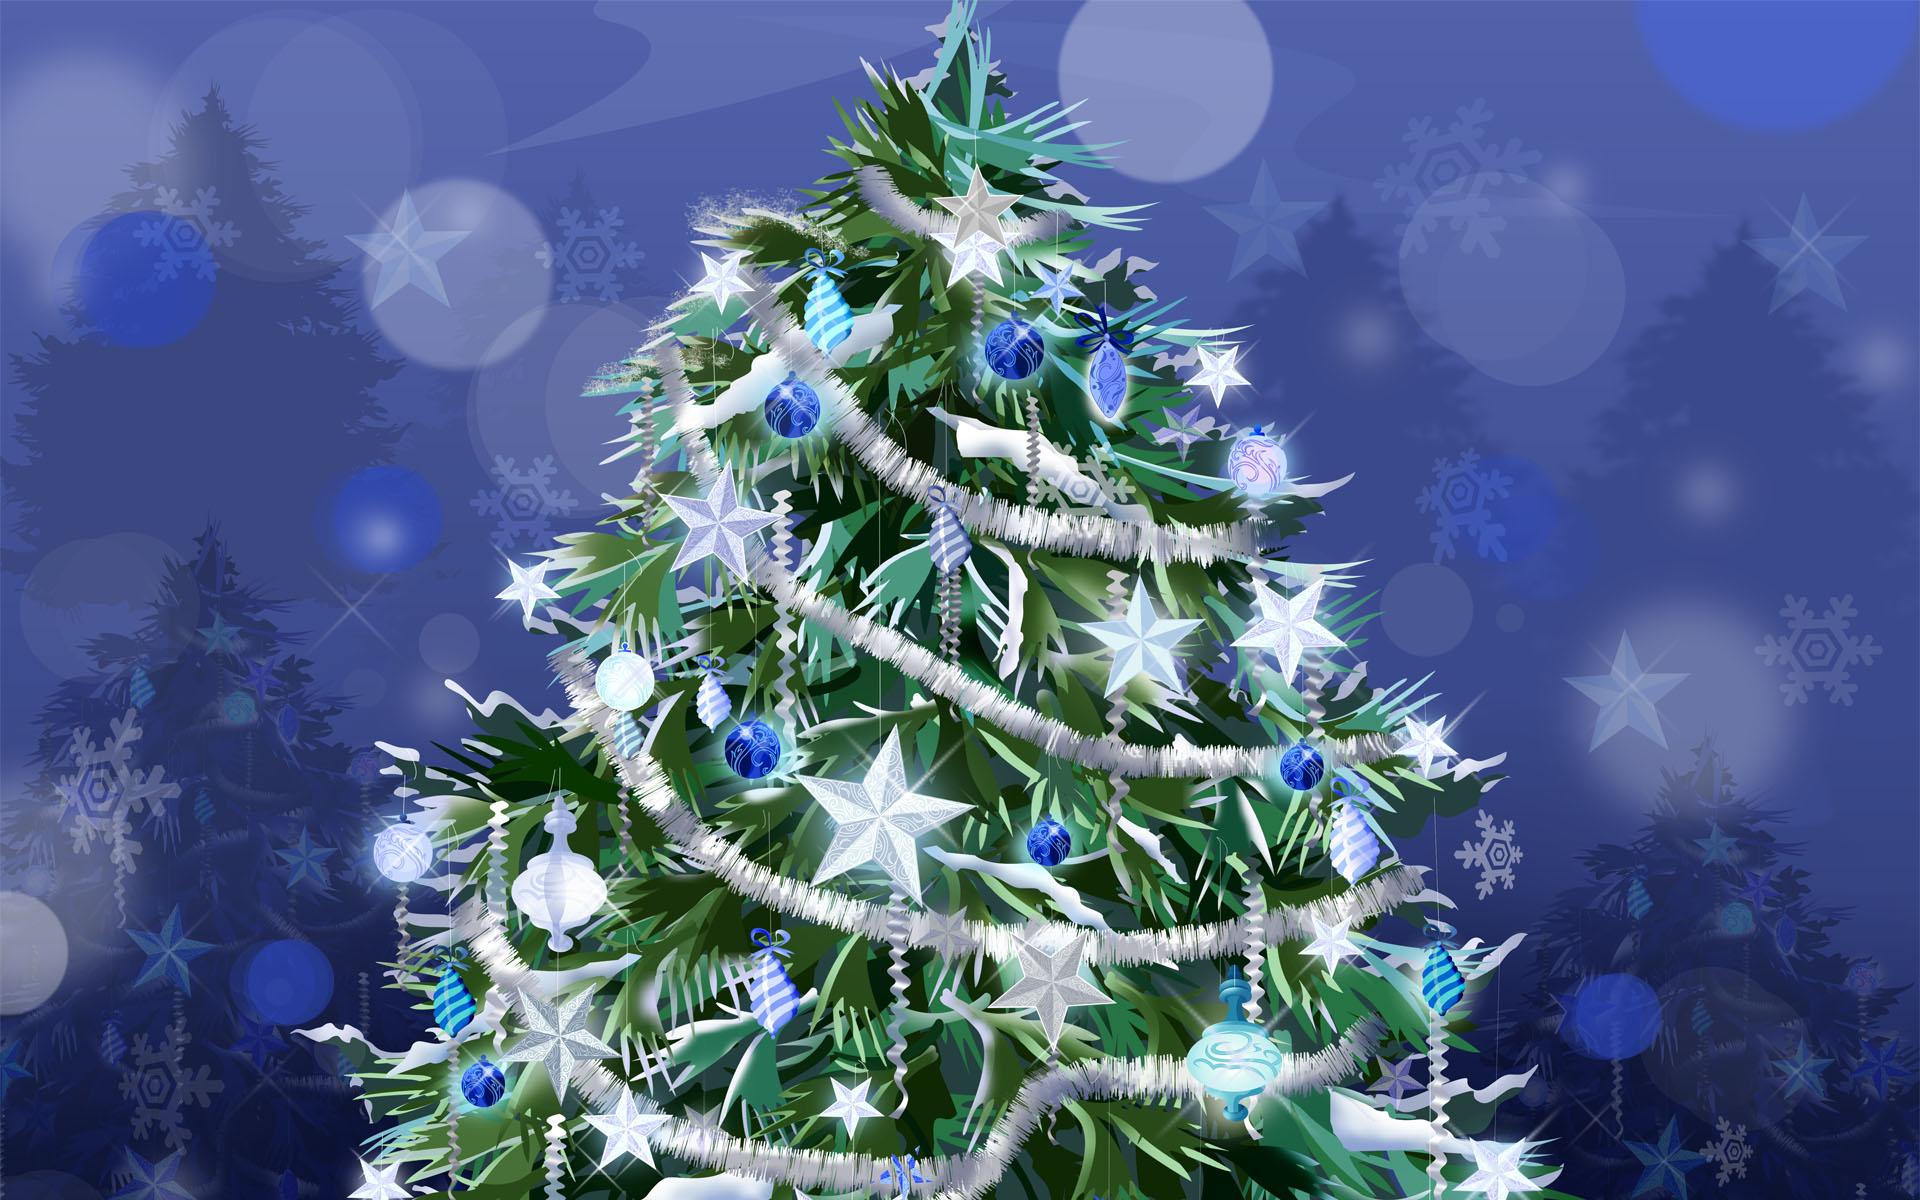 Immagini Desktop Di Natale.Sfondi Desktop Natale 2012 Per Pc Albero Di Natale